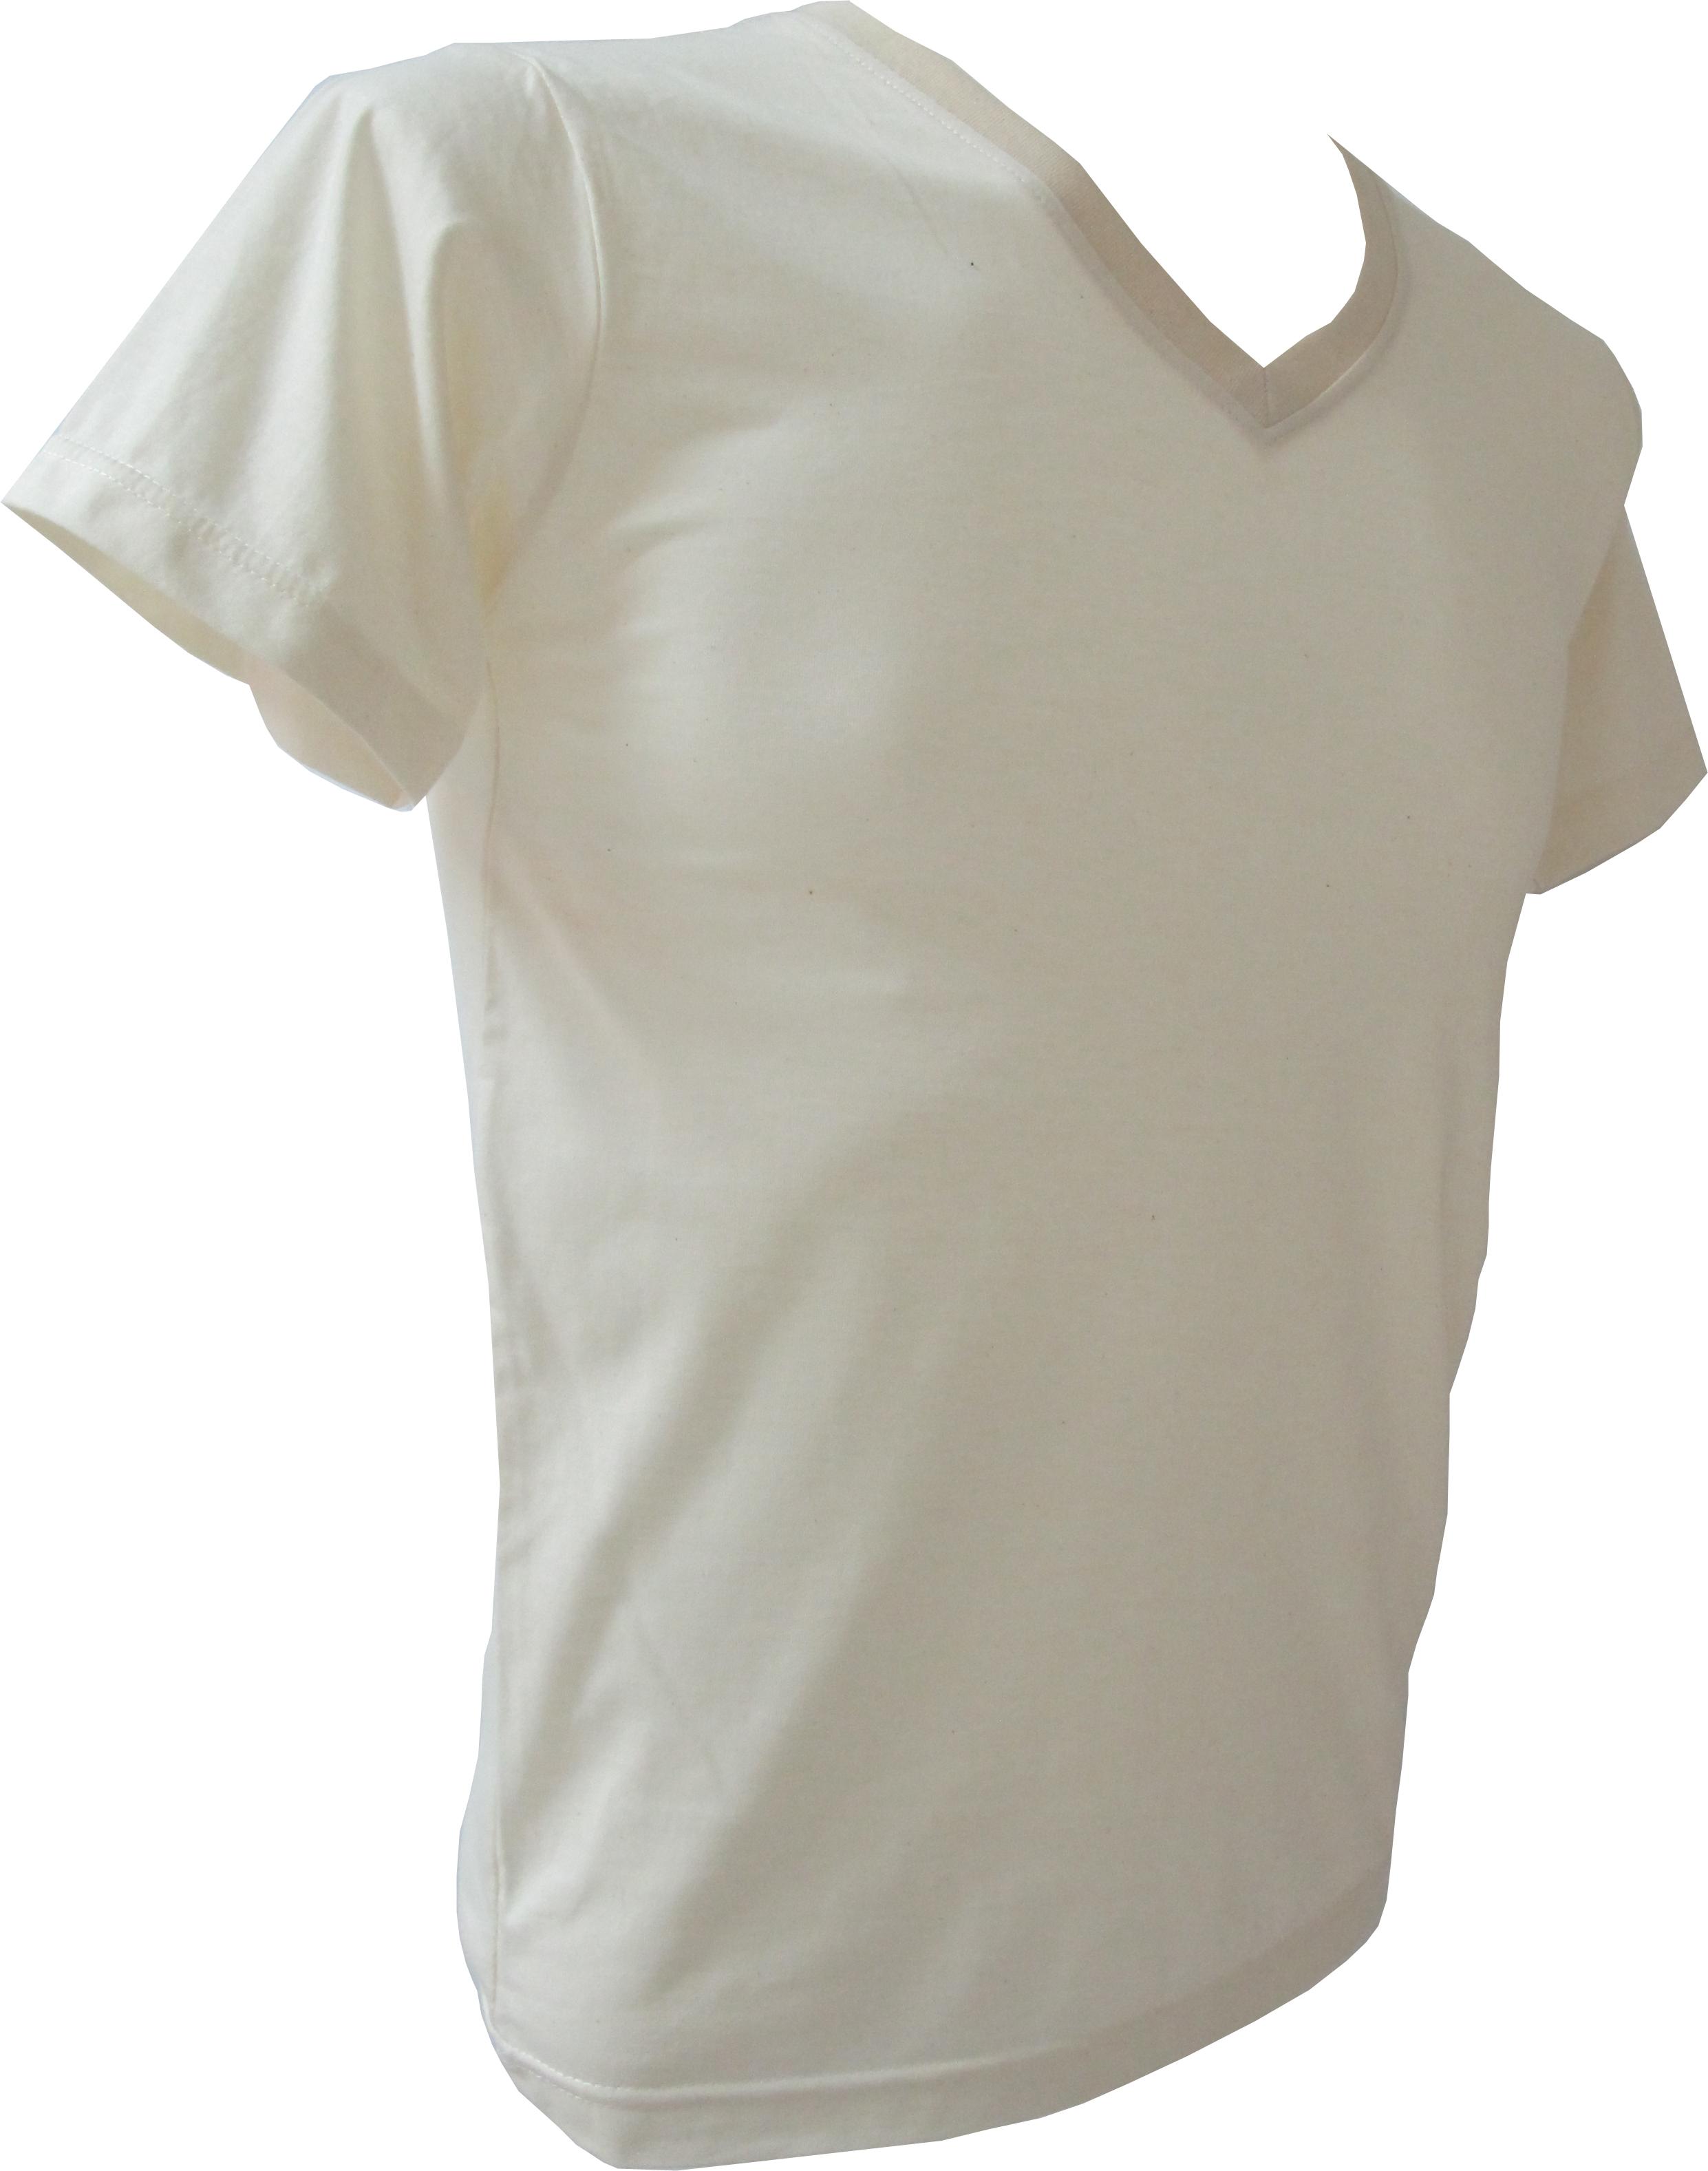 COTTON100% เบอร์32 เสื้อยืดแขนสั้น คอวี สีผ้าดิบ